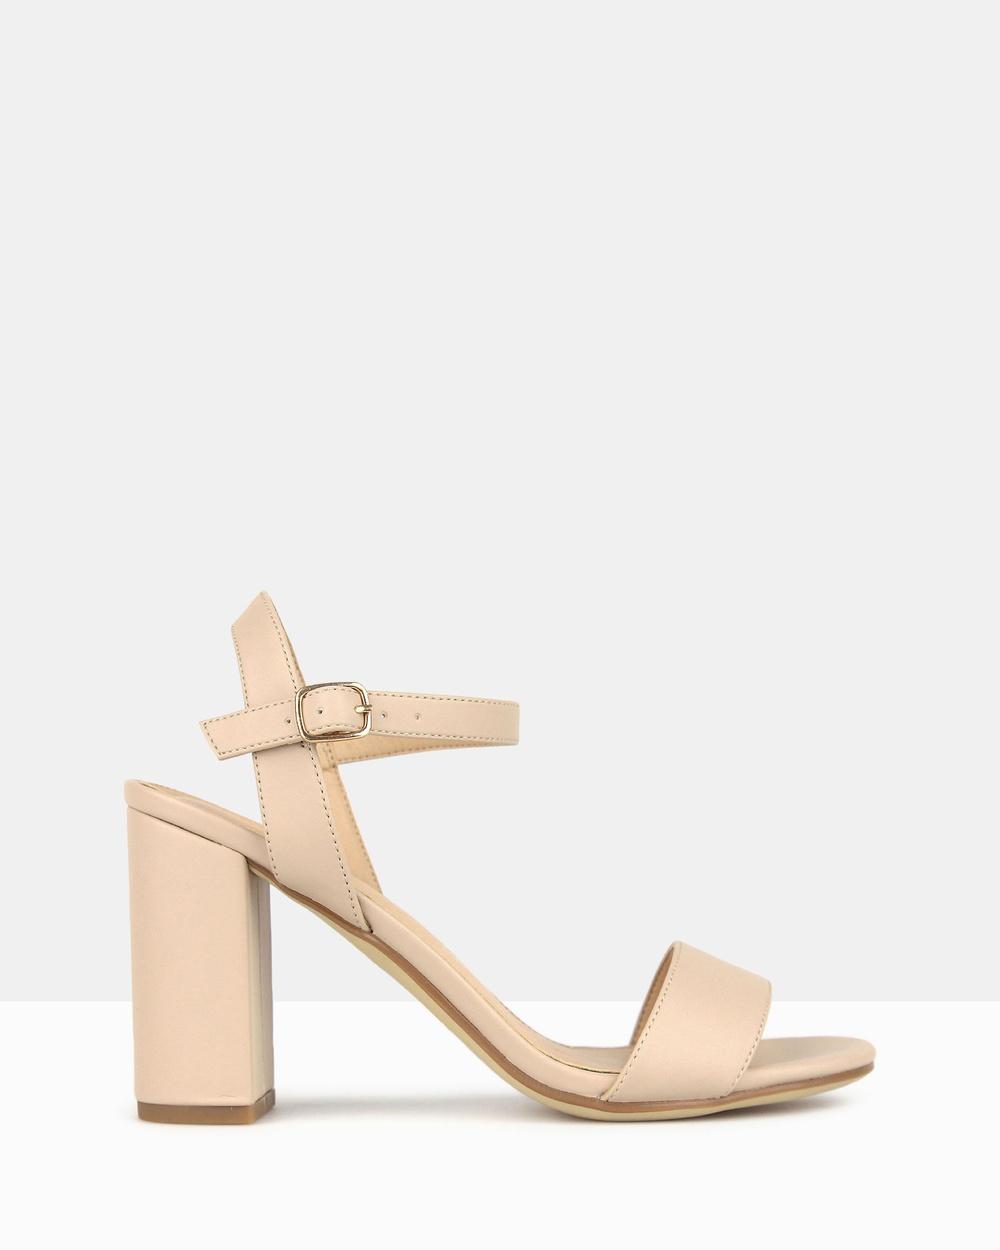 Betts Karly Block Heel Sandals Nude